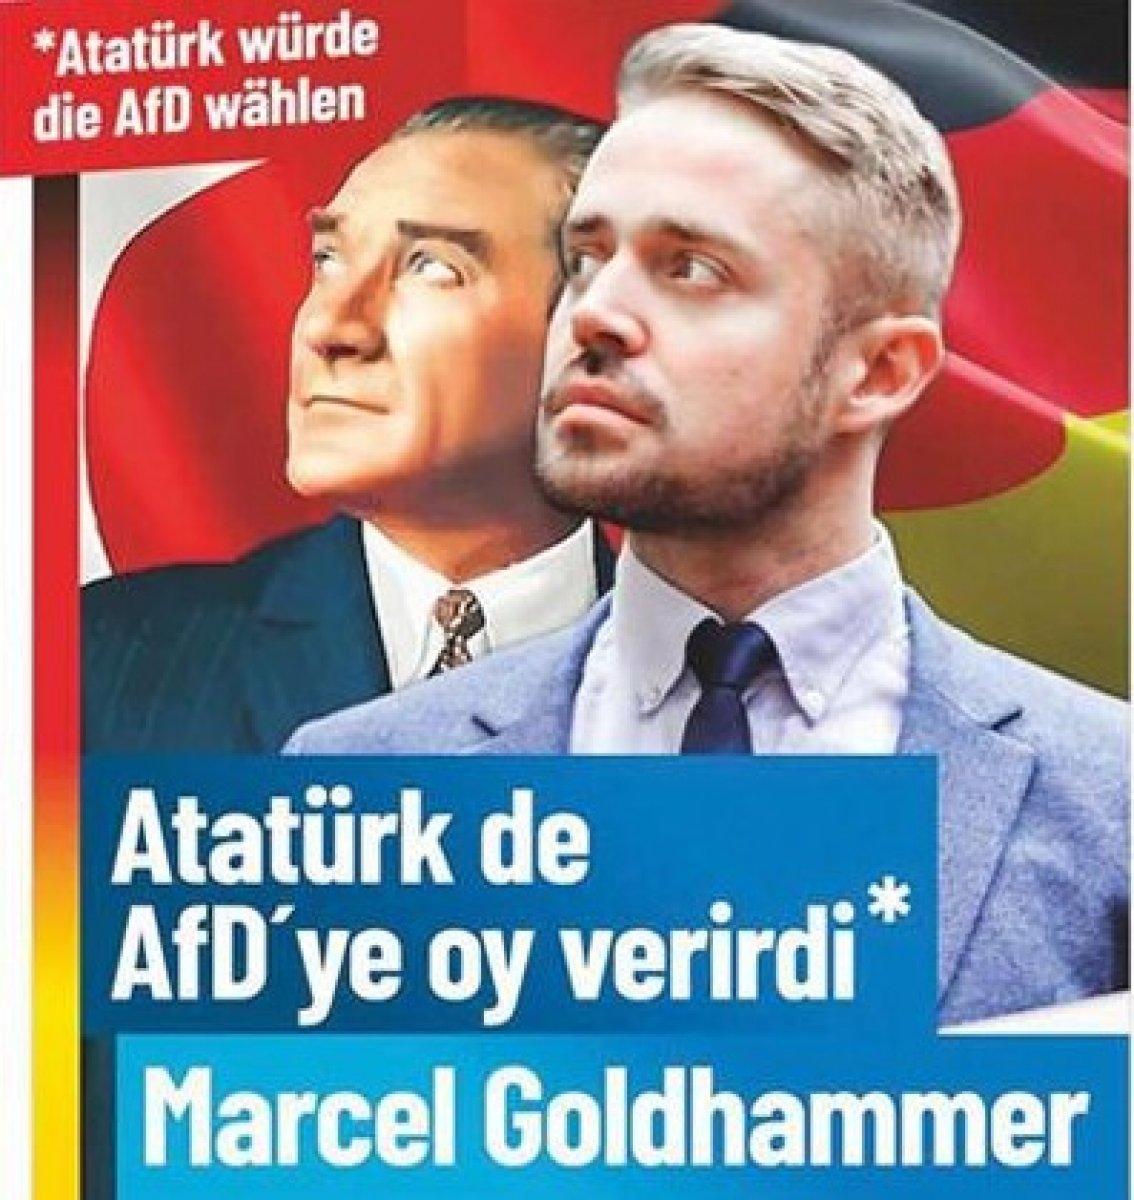 Almanya'da Atatürk'ün yer aldığı afişlere tepki #1